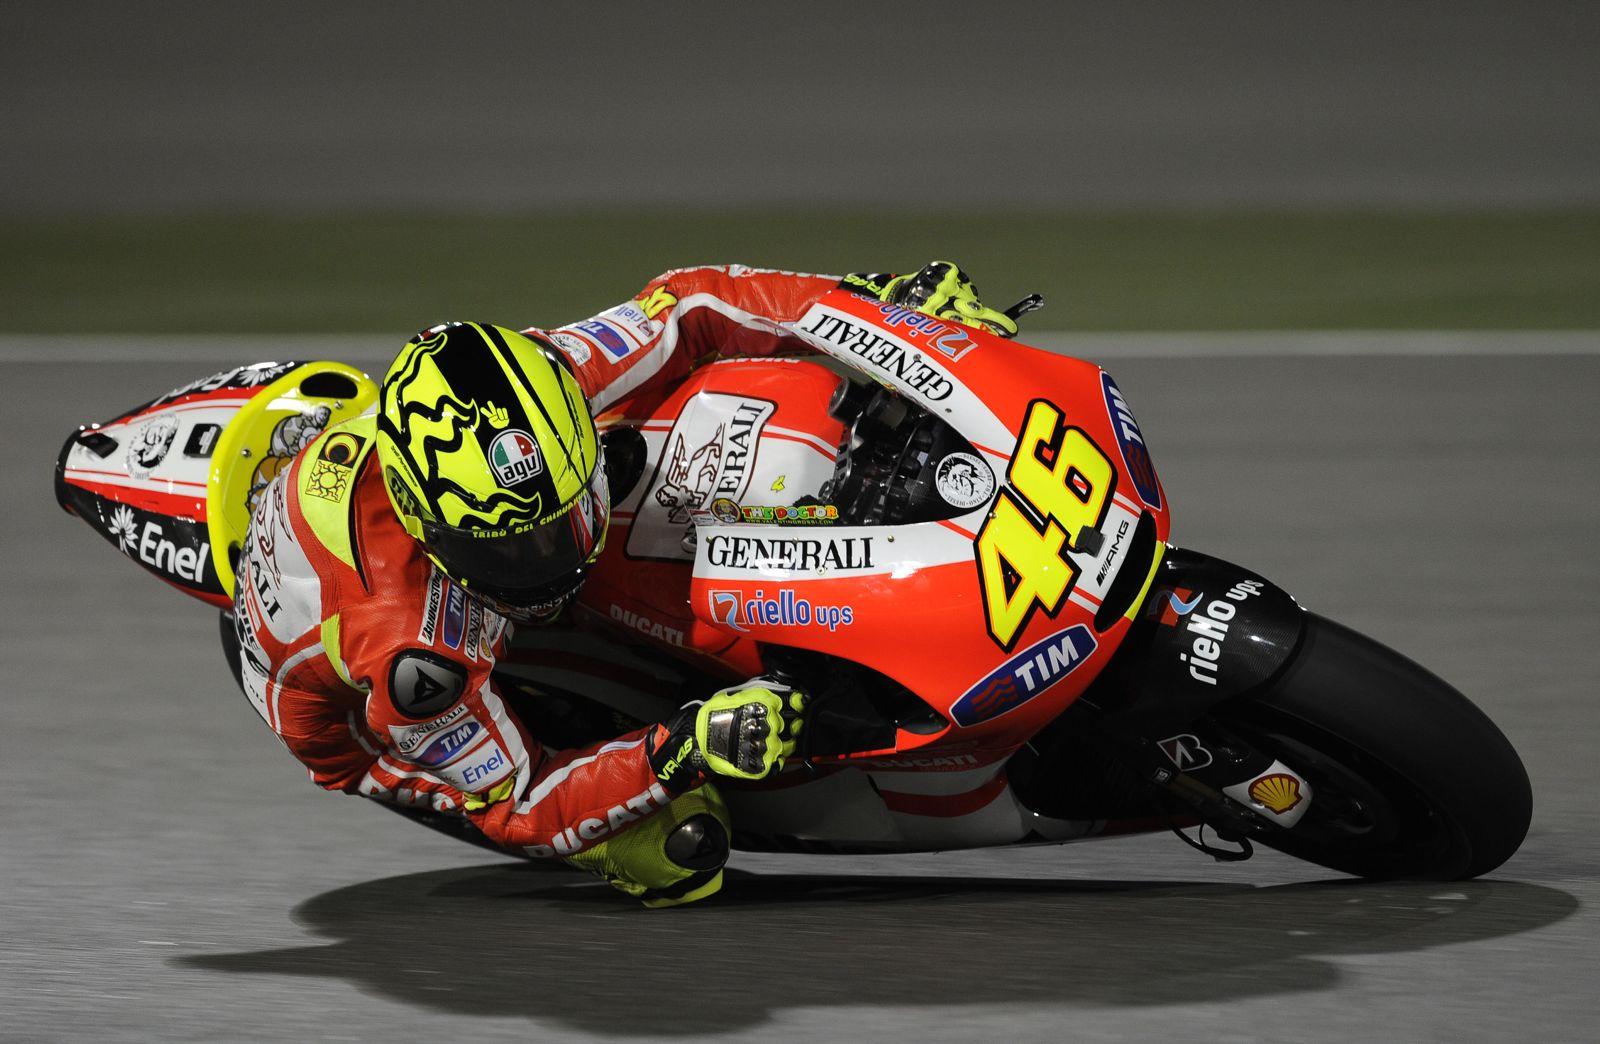 MotoGP Valentino Rossi Ducati